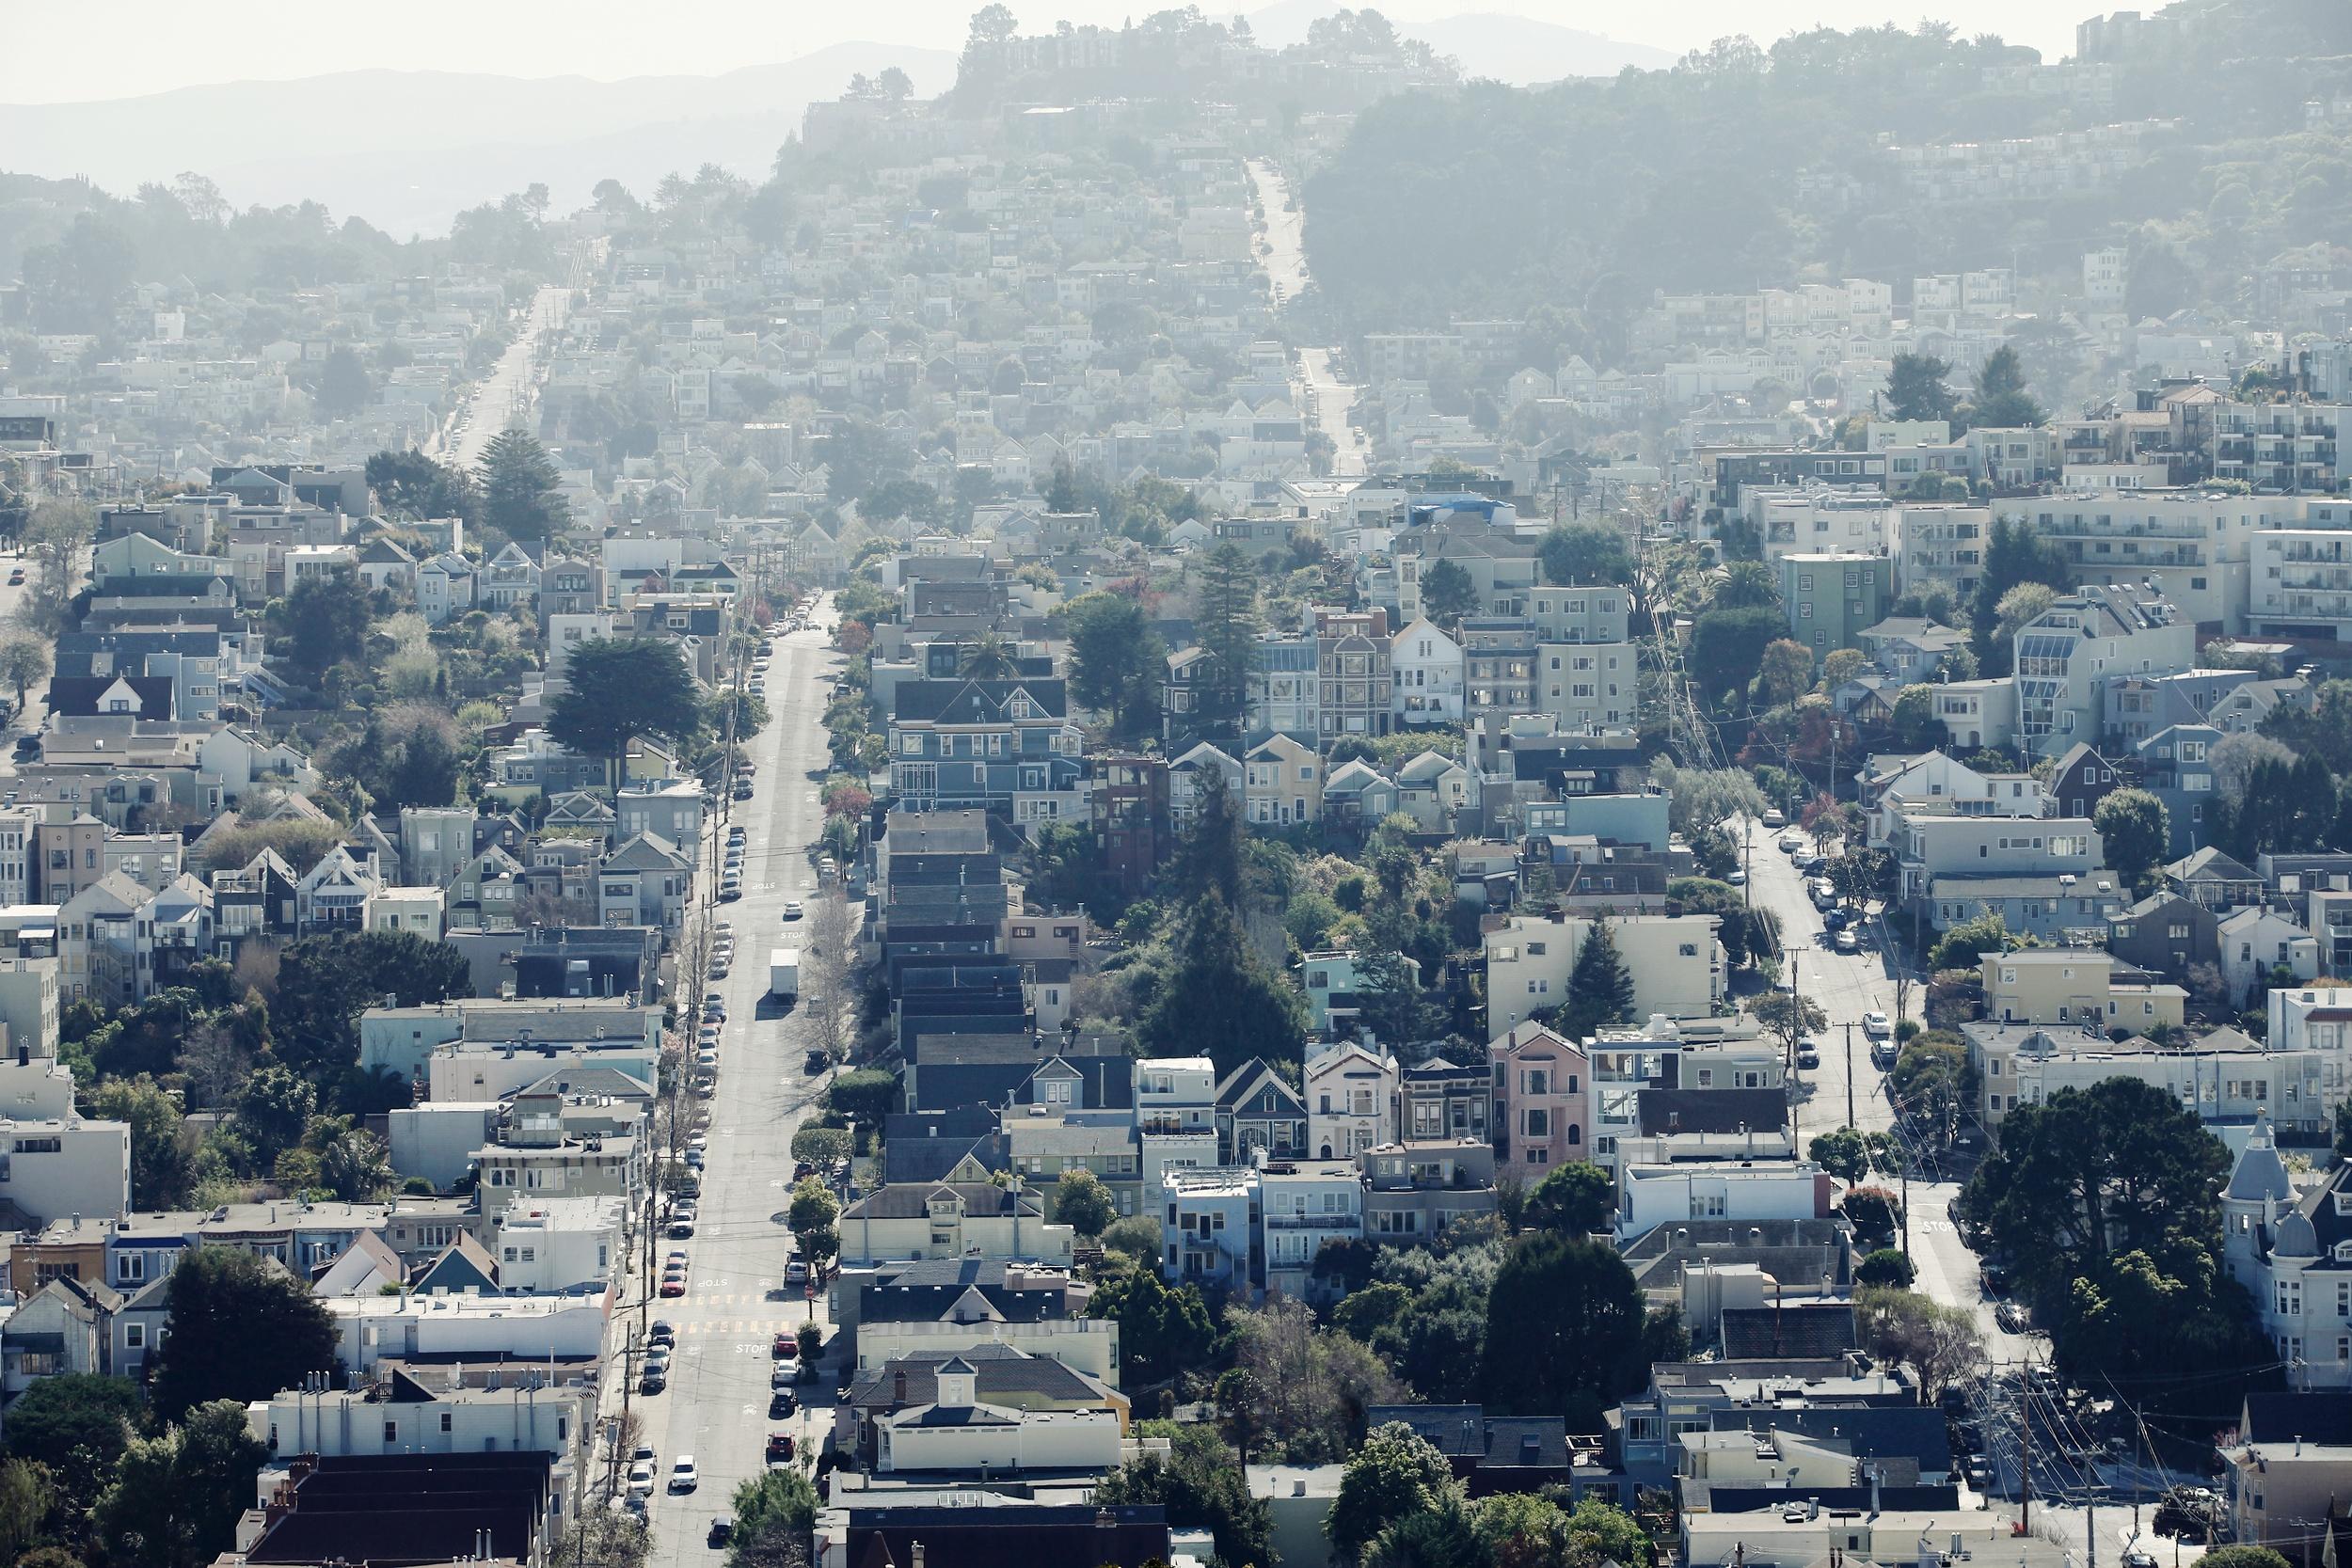 San Fran Bisco 366.jpg